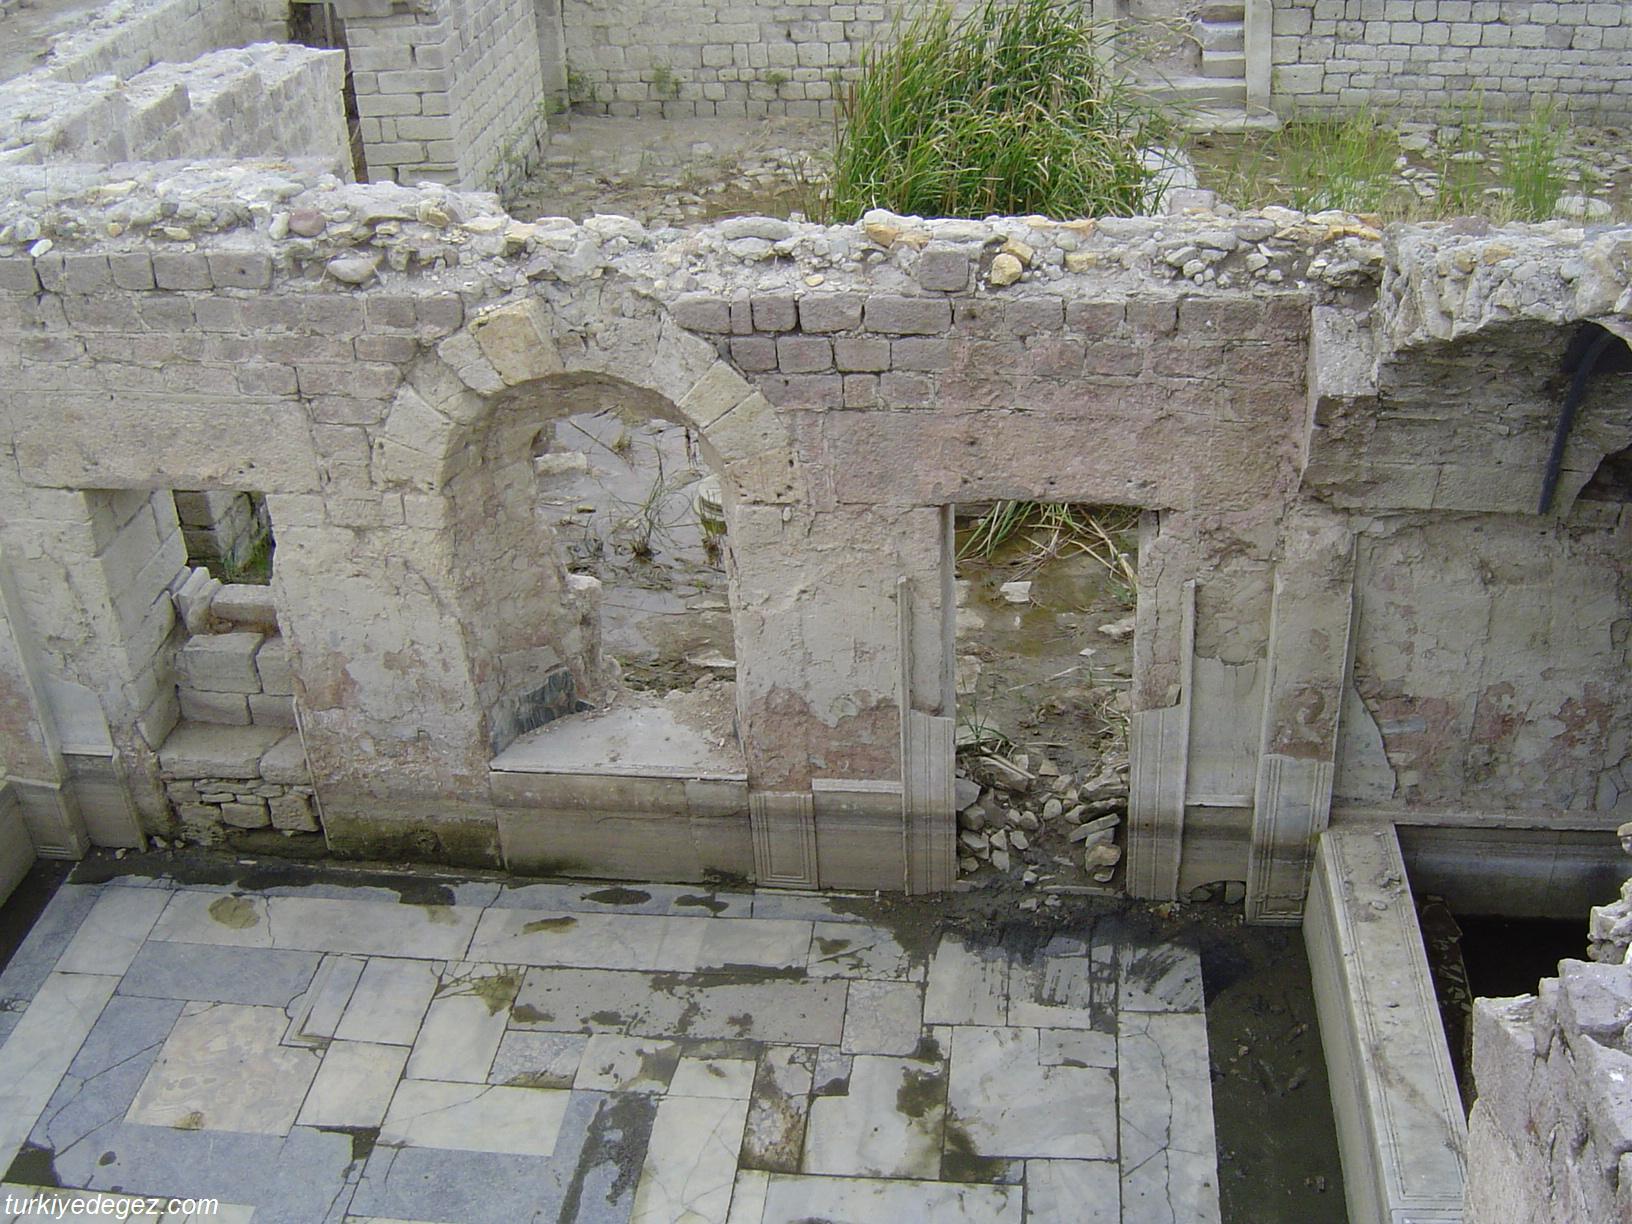 Alabanda antik kenti